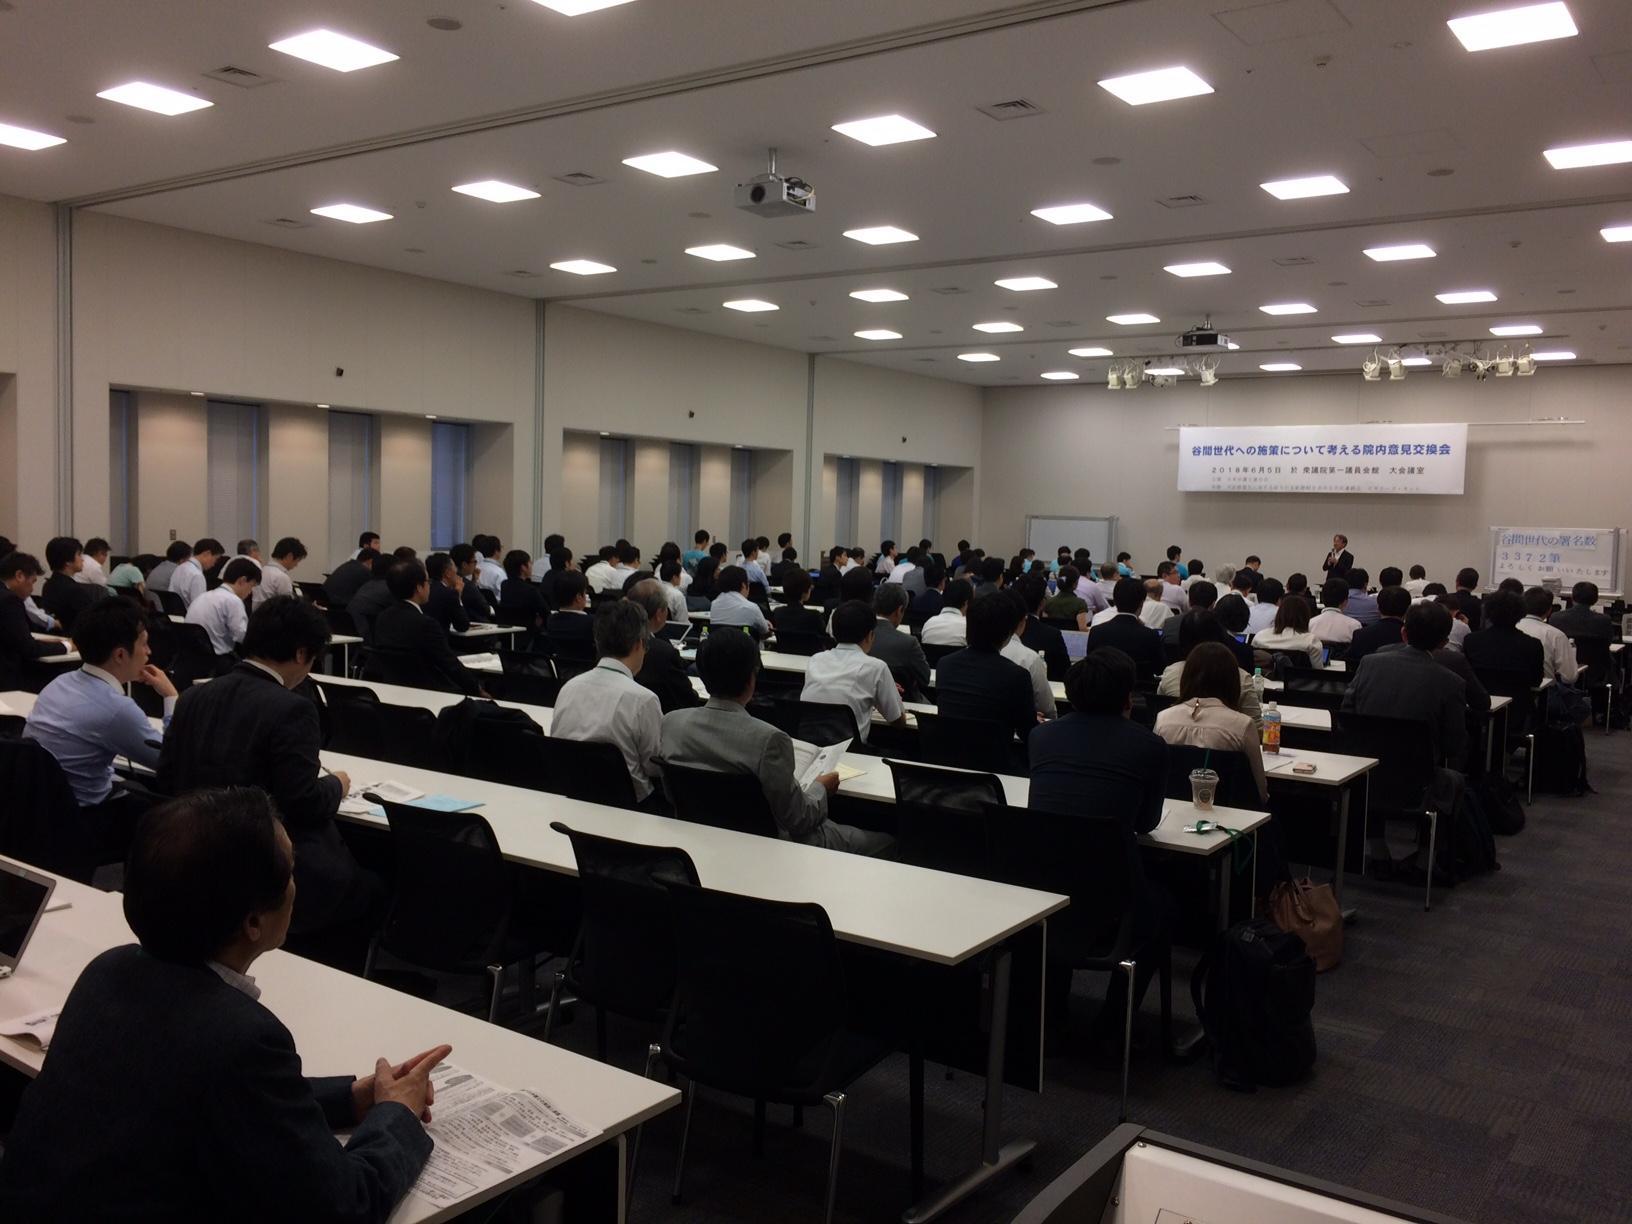 6月号 谷間世代への施策について考える院内意見交換会.JPG